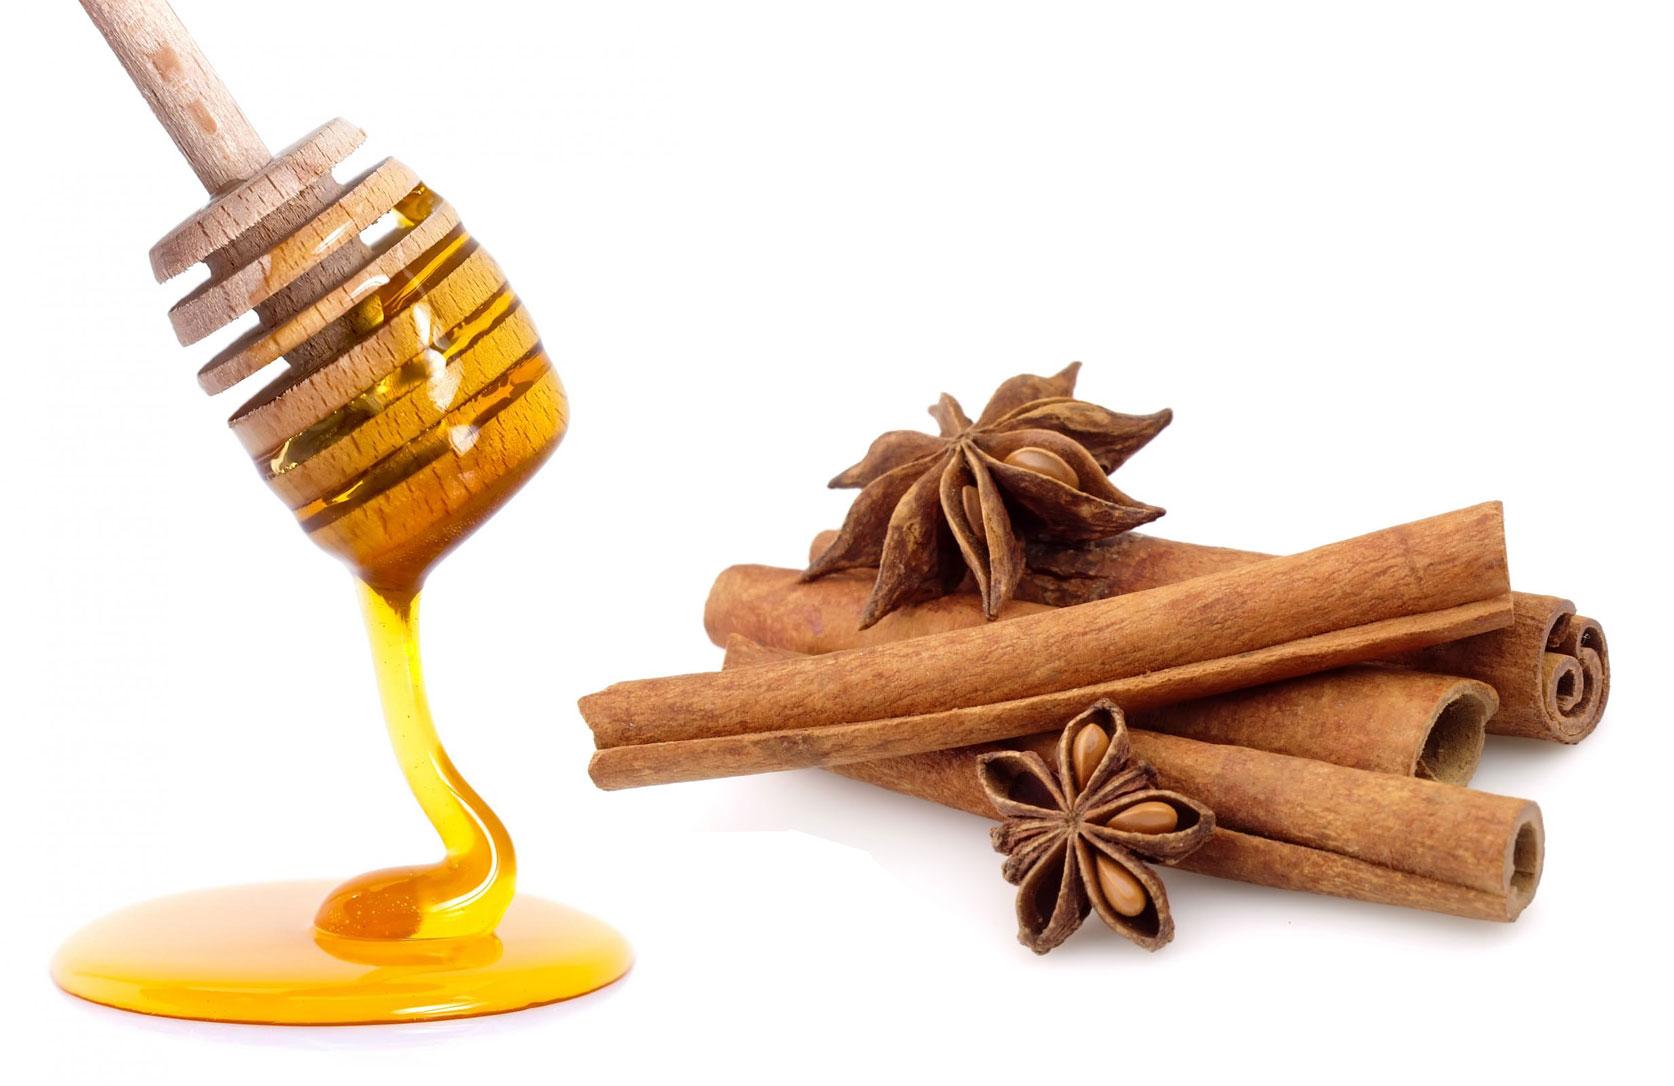 ماسک عسل و دارچین - ماسک عسل - درمان جوش صورت